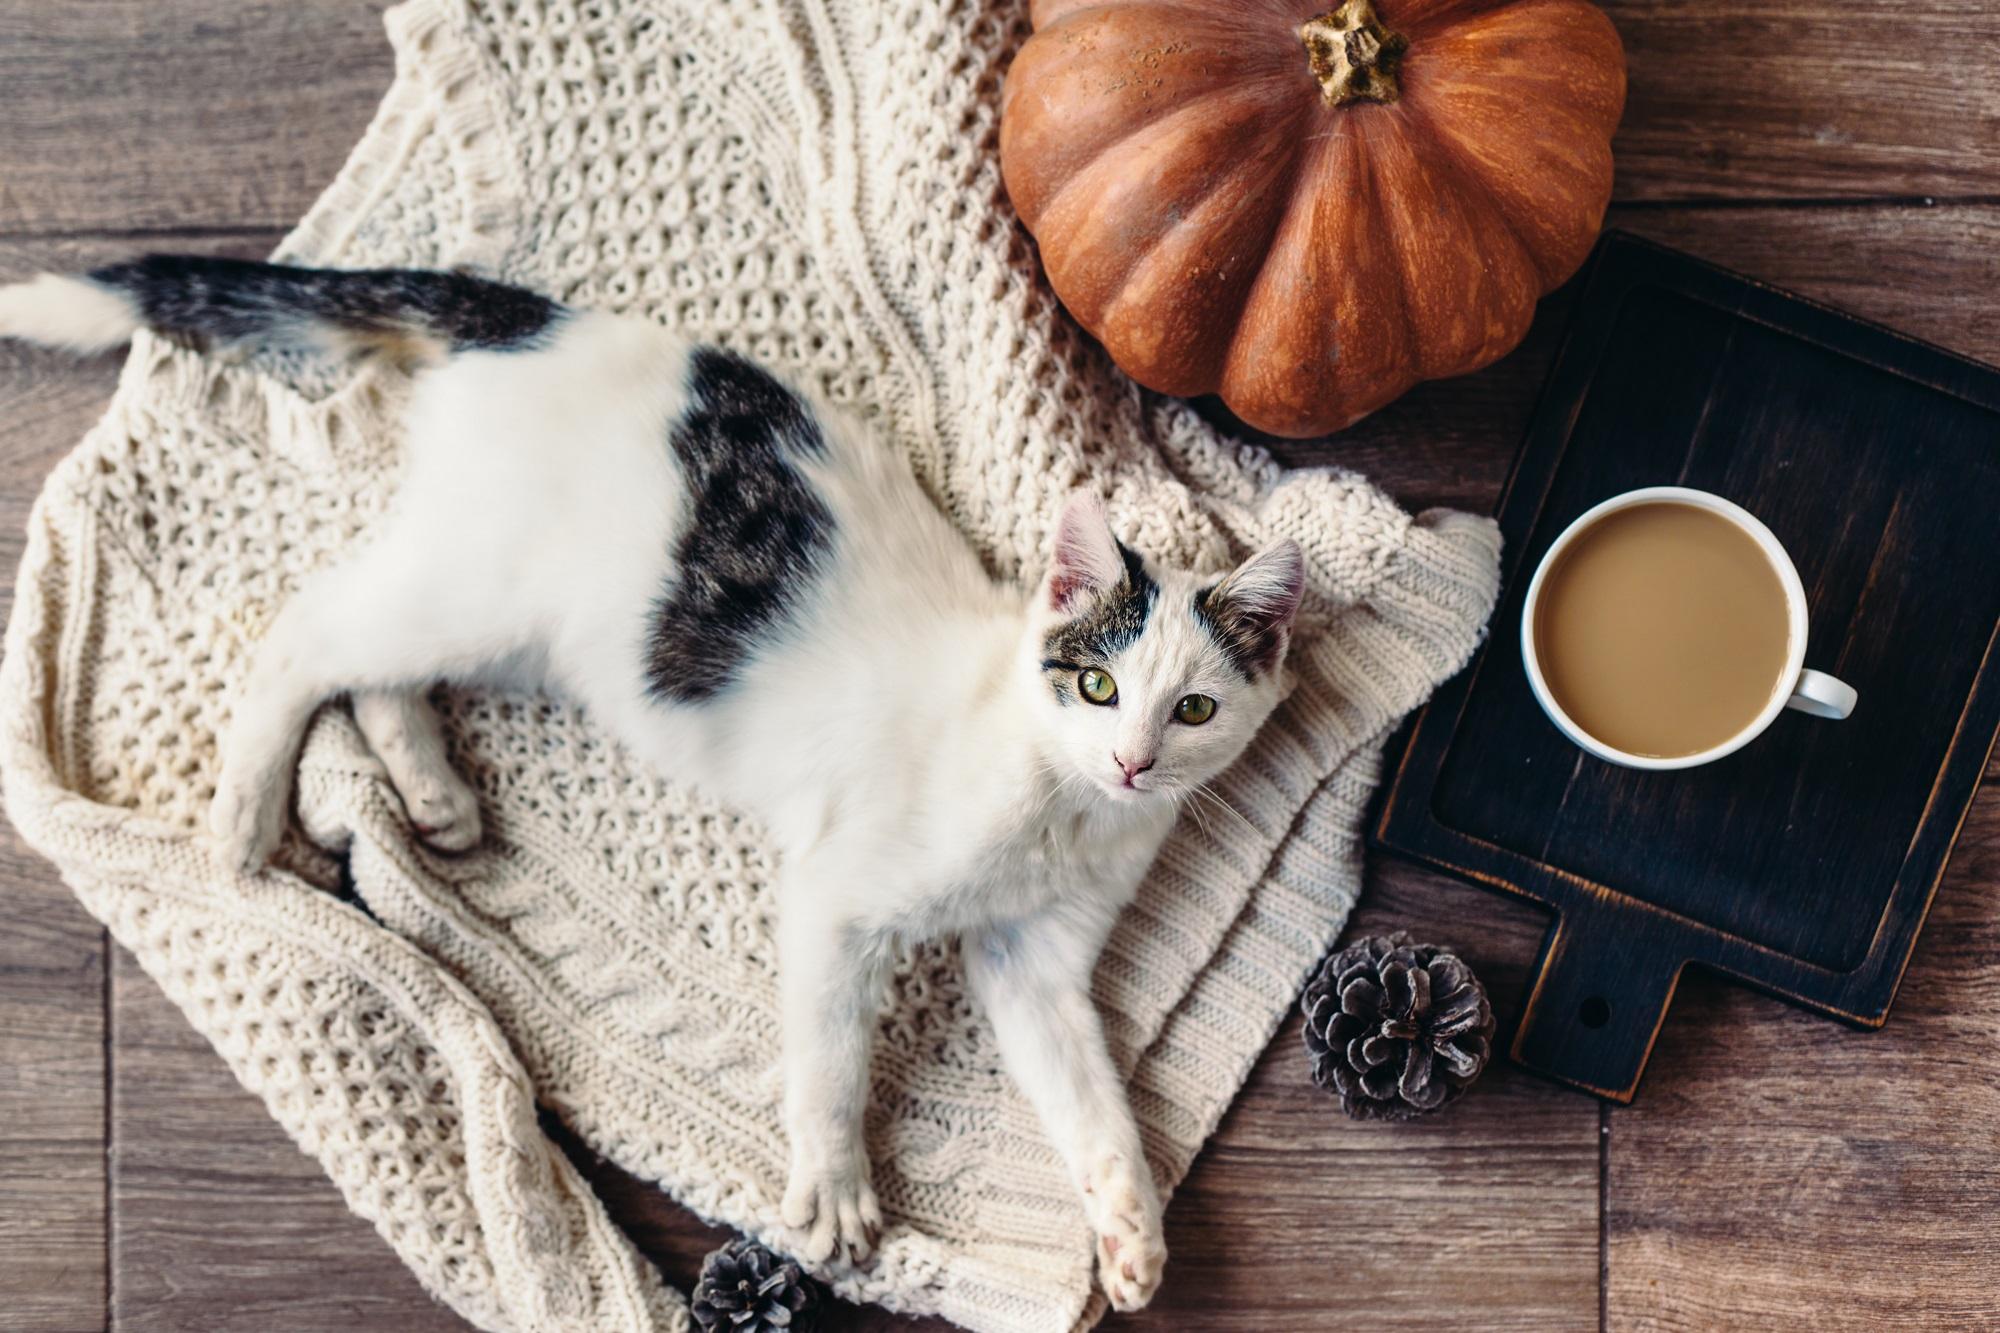 Как отдыхаем в ноябре 2018 года. Источник фото: Shutterstock